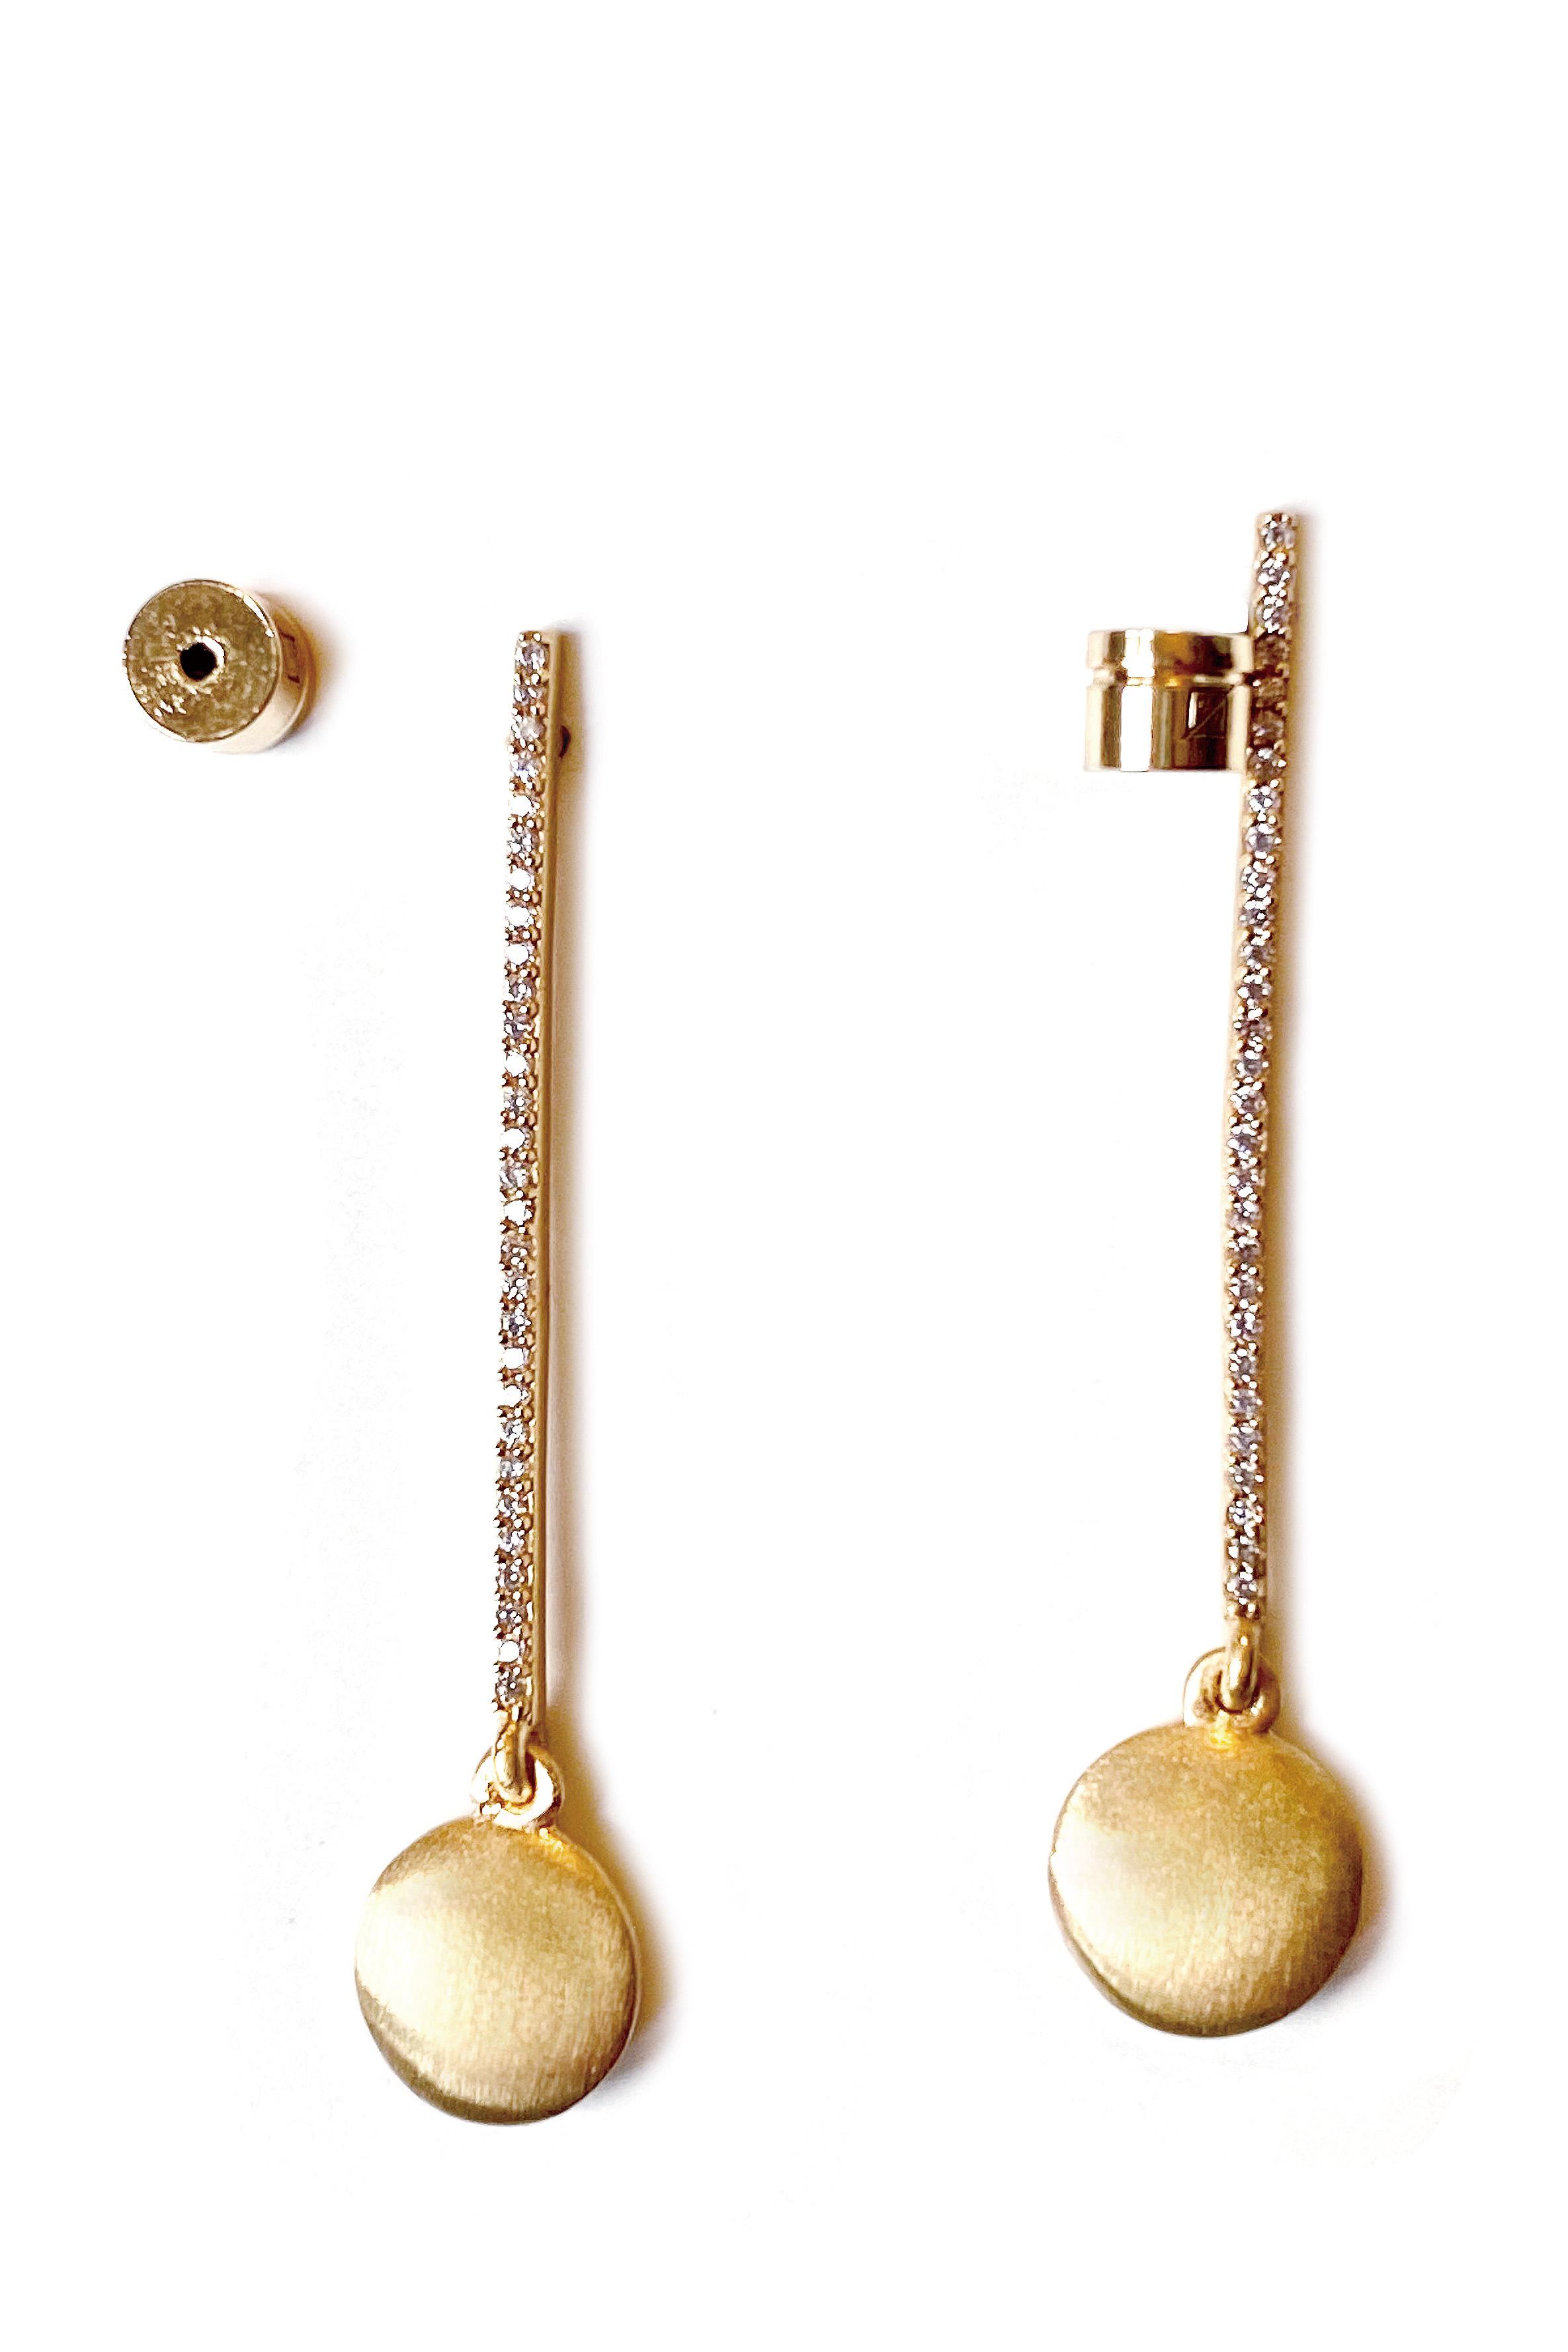 【1年間保証】半永久ゴールドの厚みが違うはげにくいマットなゴールド繊細なCZダイヤをびっしりセットしたピアス 【22KYG特別加工】